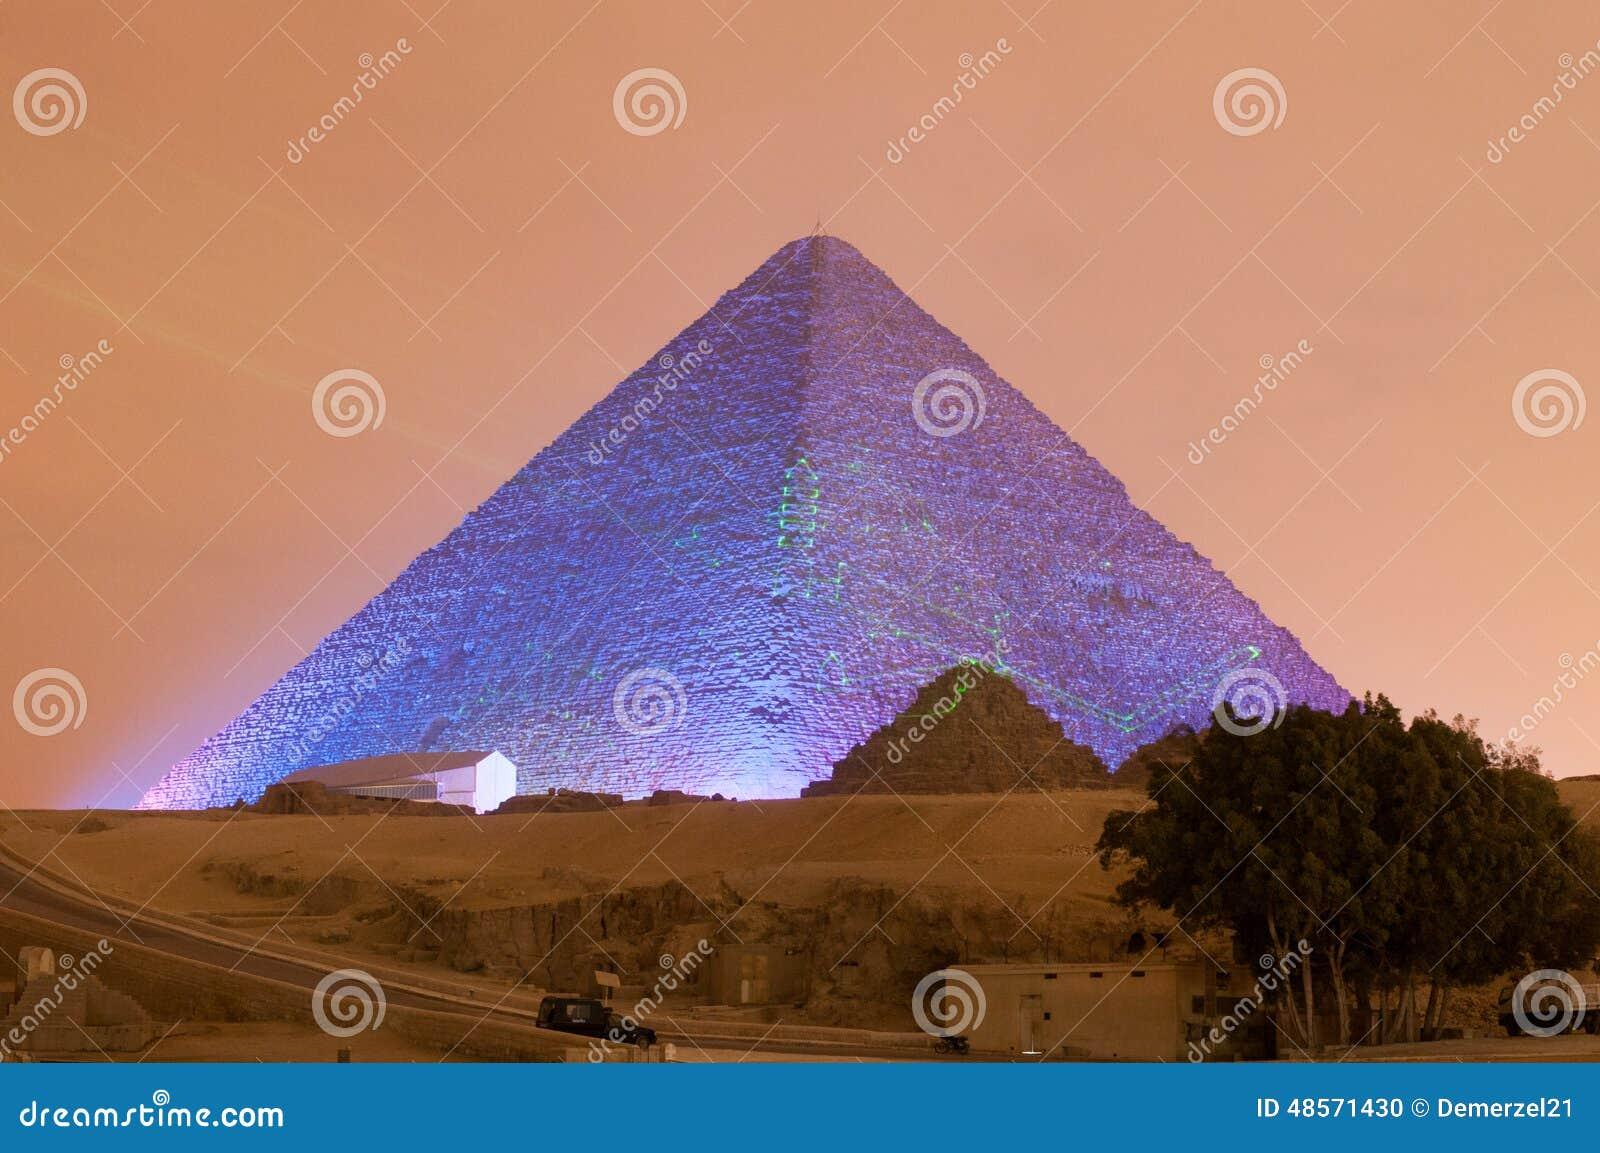 Piramide di Giza e spettacolo di luci alla notte - Il Cairo, Egitto della Sfinge